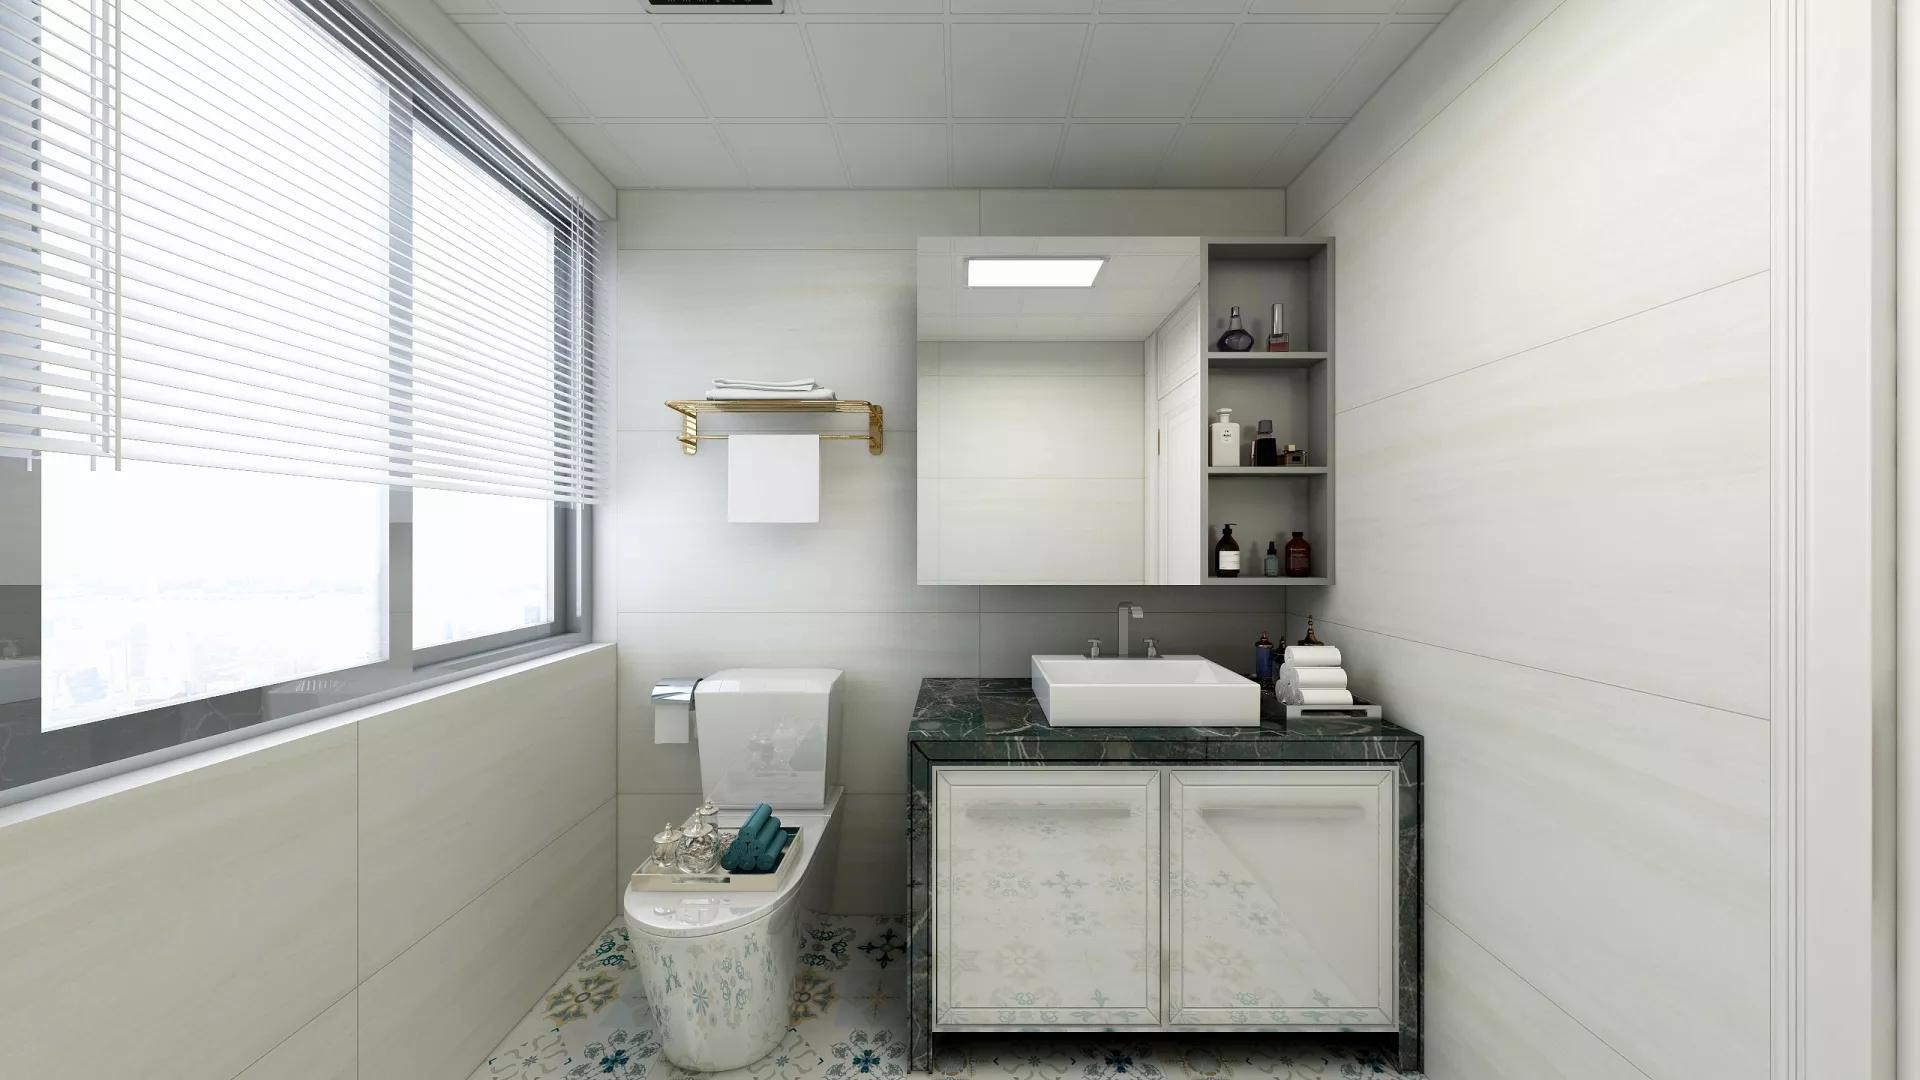 卫生间,简约风格,简洁,温馨